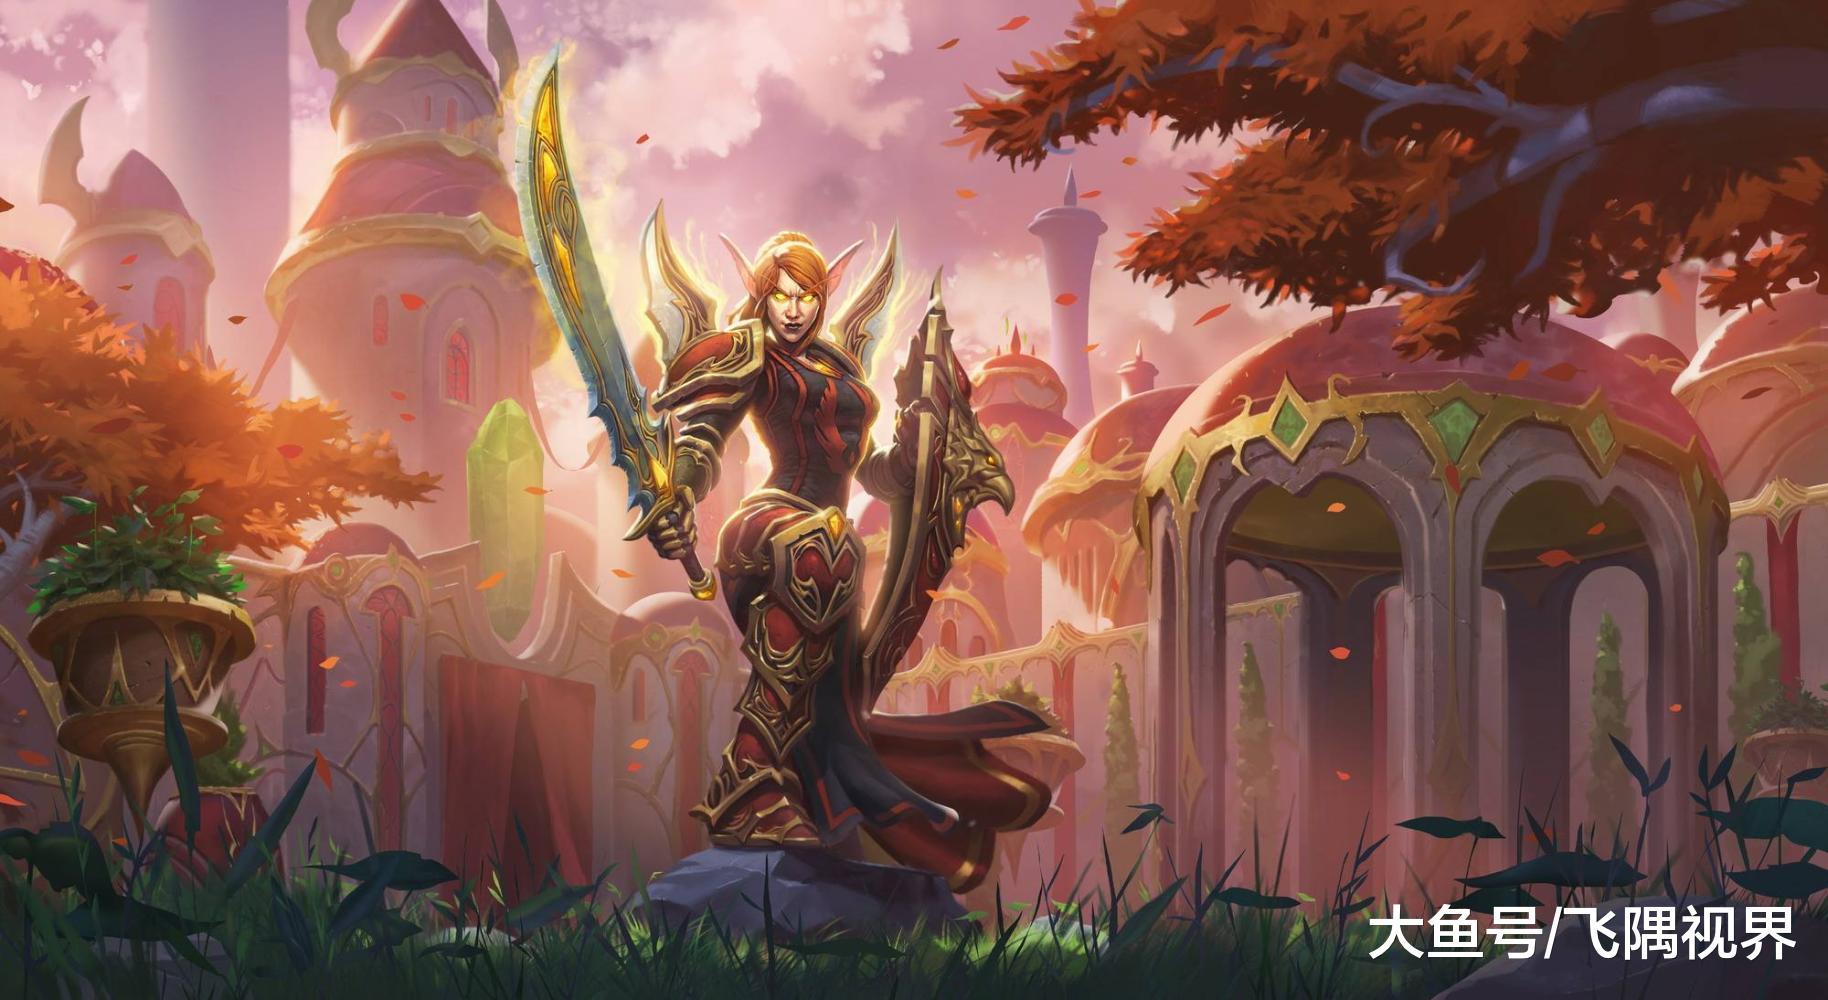 魔兽世界: 阿强爱上了阿珍, 洛瑟玛和莉亚德琳的爱情